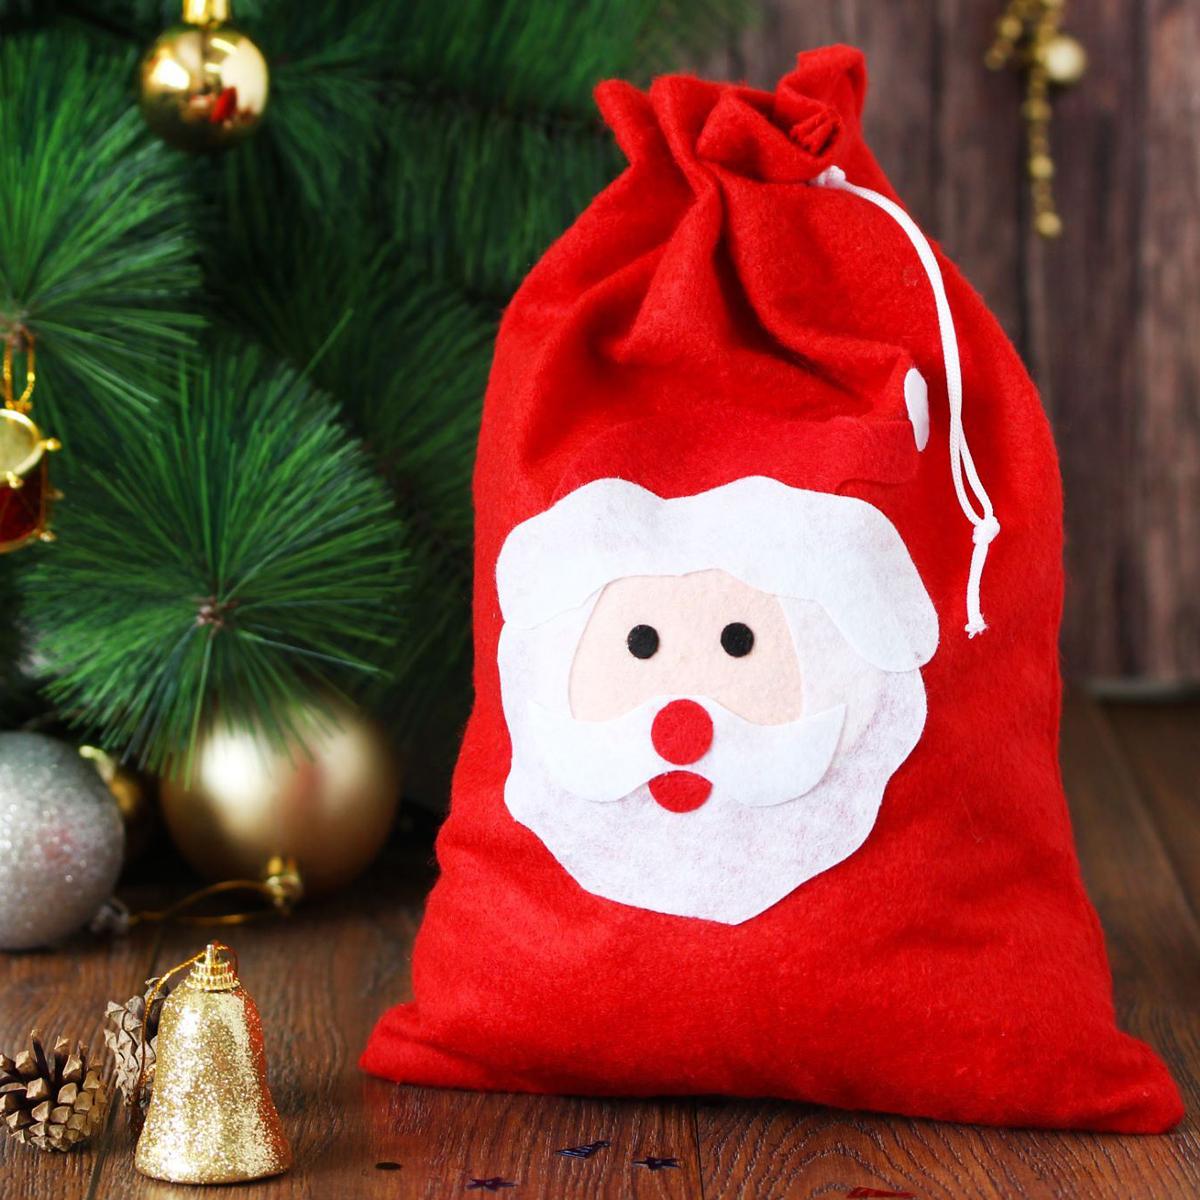 Мешок карнавальный Sima-land Дед Мороз2321636Упаковка – это одна из важных составляющих самого подарка! Дарите ли вы сувениры родственникам, или выбираете подарок для самого близкого человека – правильно подобранная подарочная упаковка усилит радость от самого подарка и поднимет настроение.